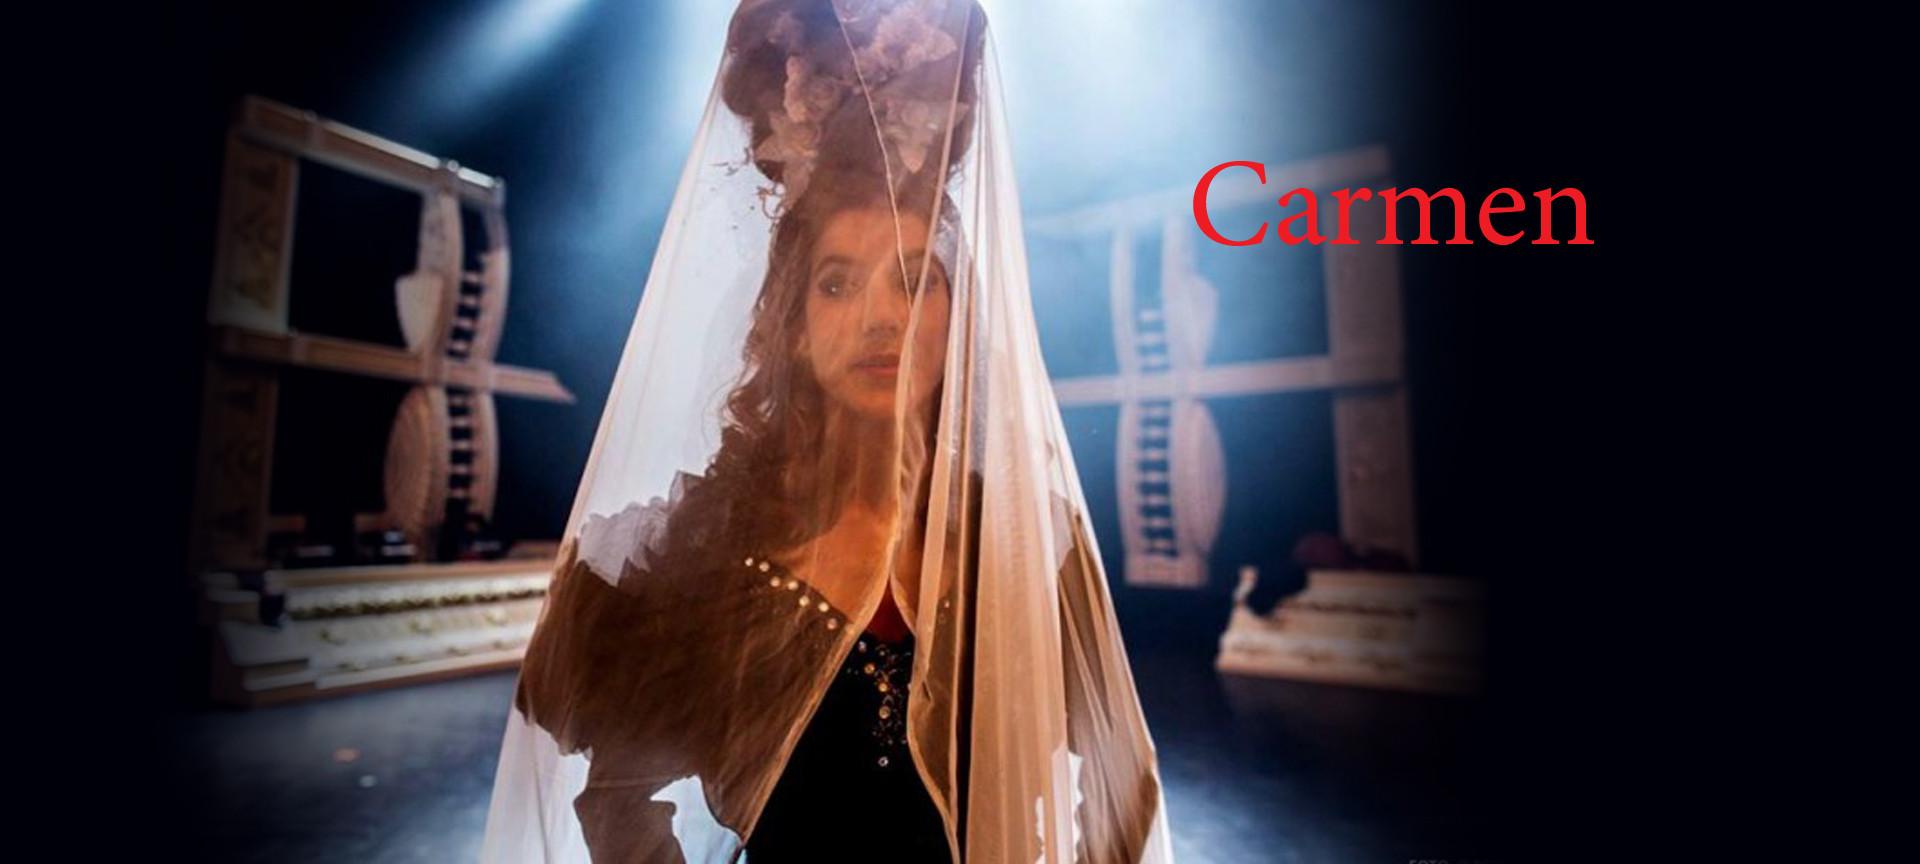 Carmen - uvodny banner.jpg